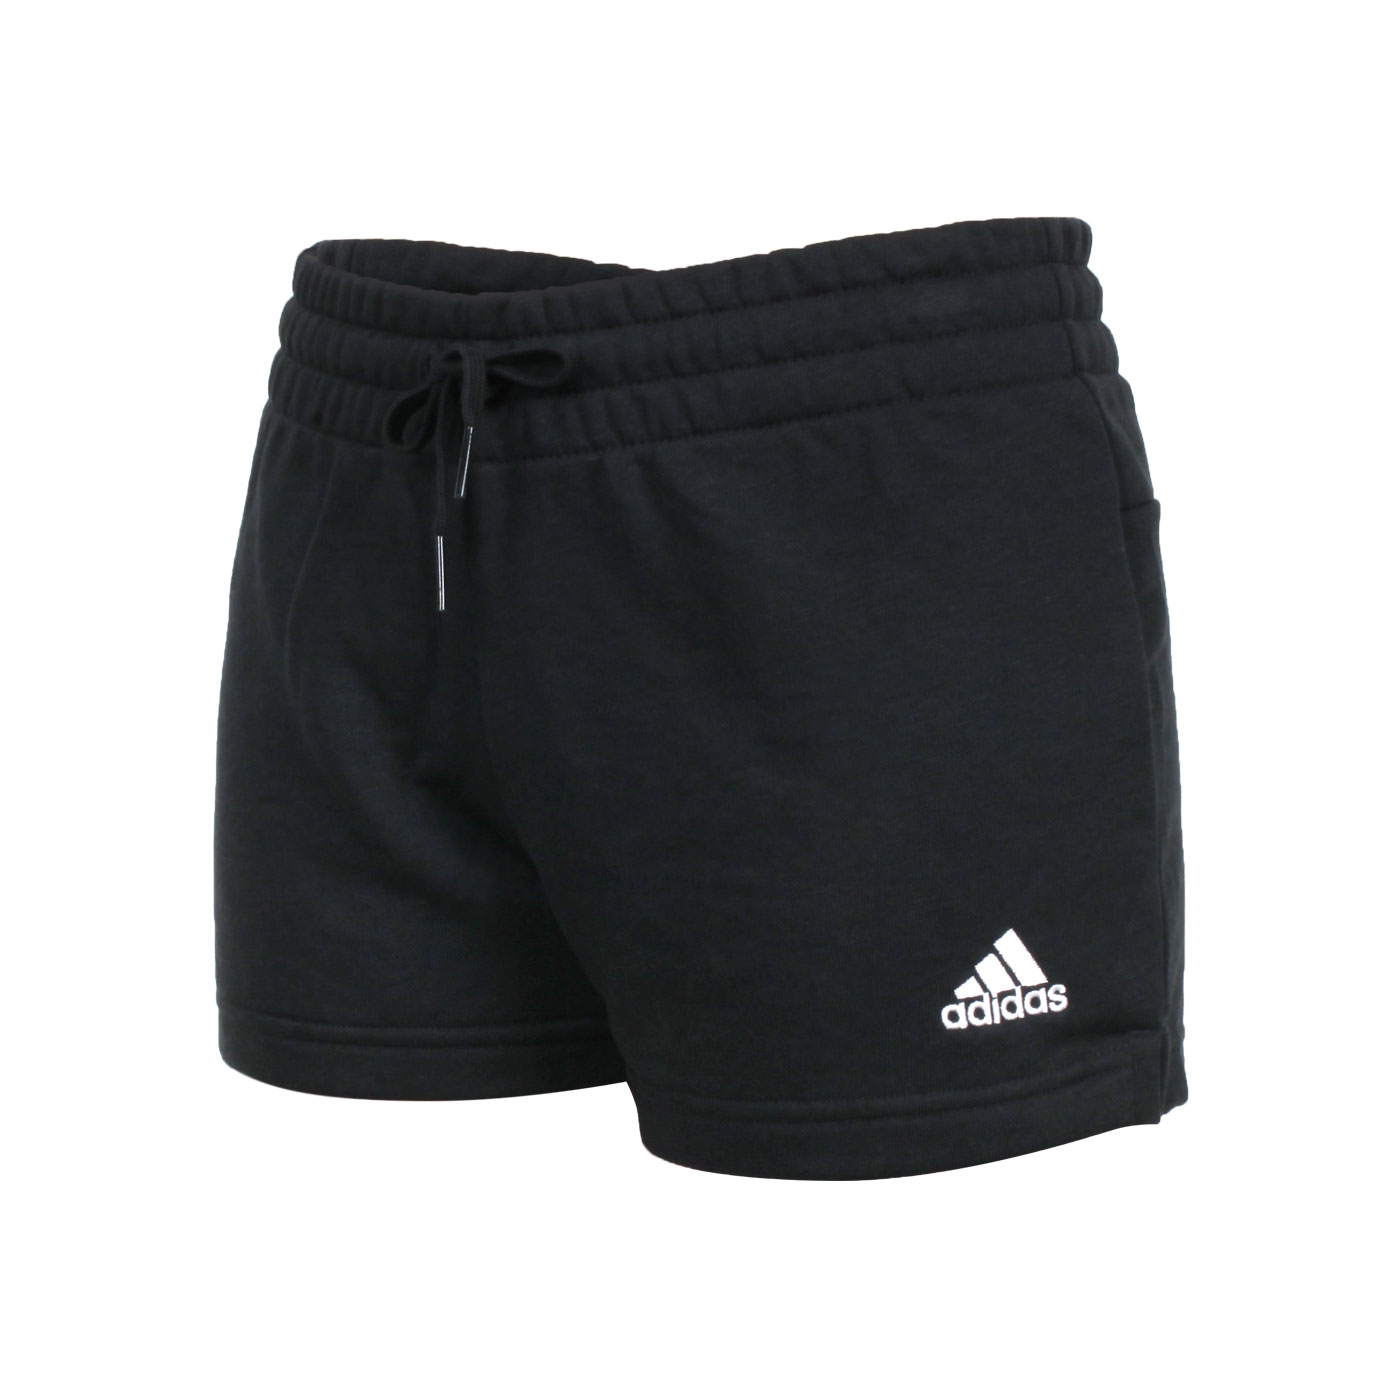 ADIDAS 女款運動短褲 GM5601 - 黑白